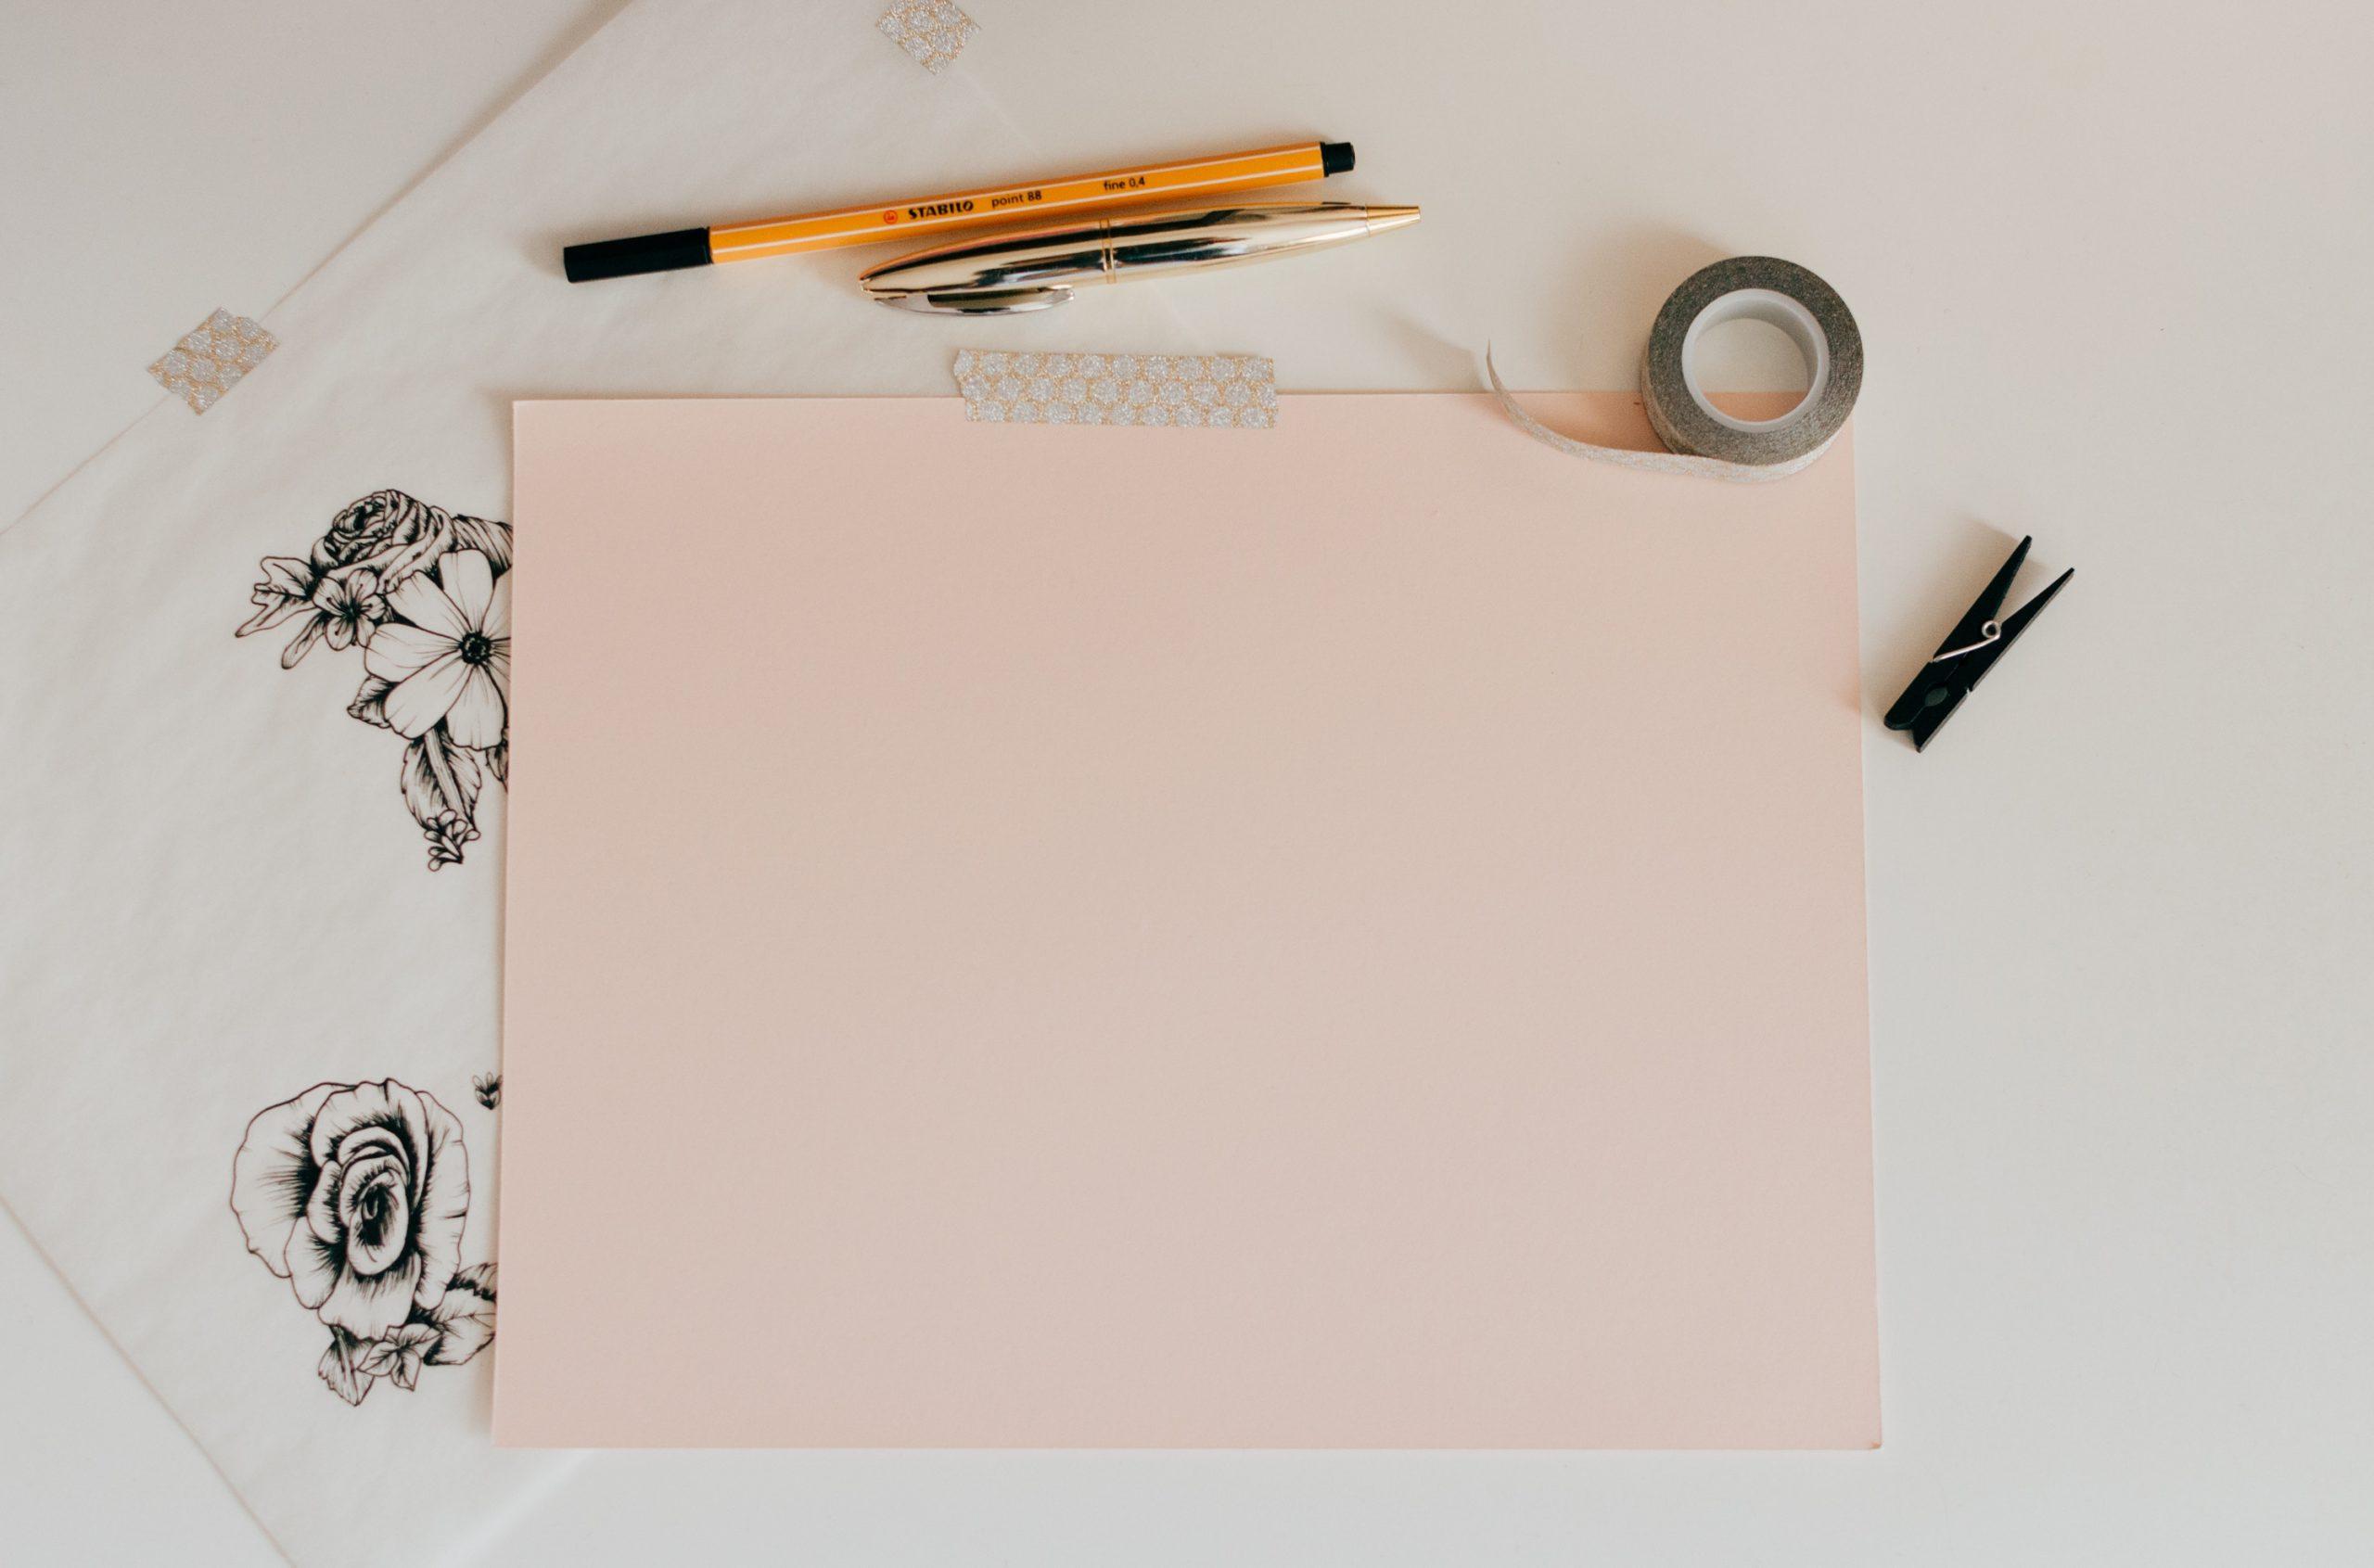 Tehnici de desen – 3 lucruri pe care orice incepator trebuie sa le stie